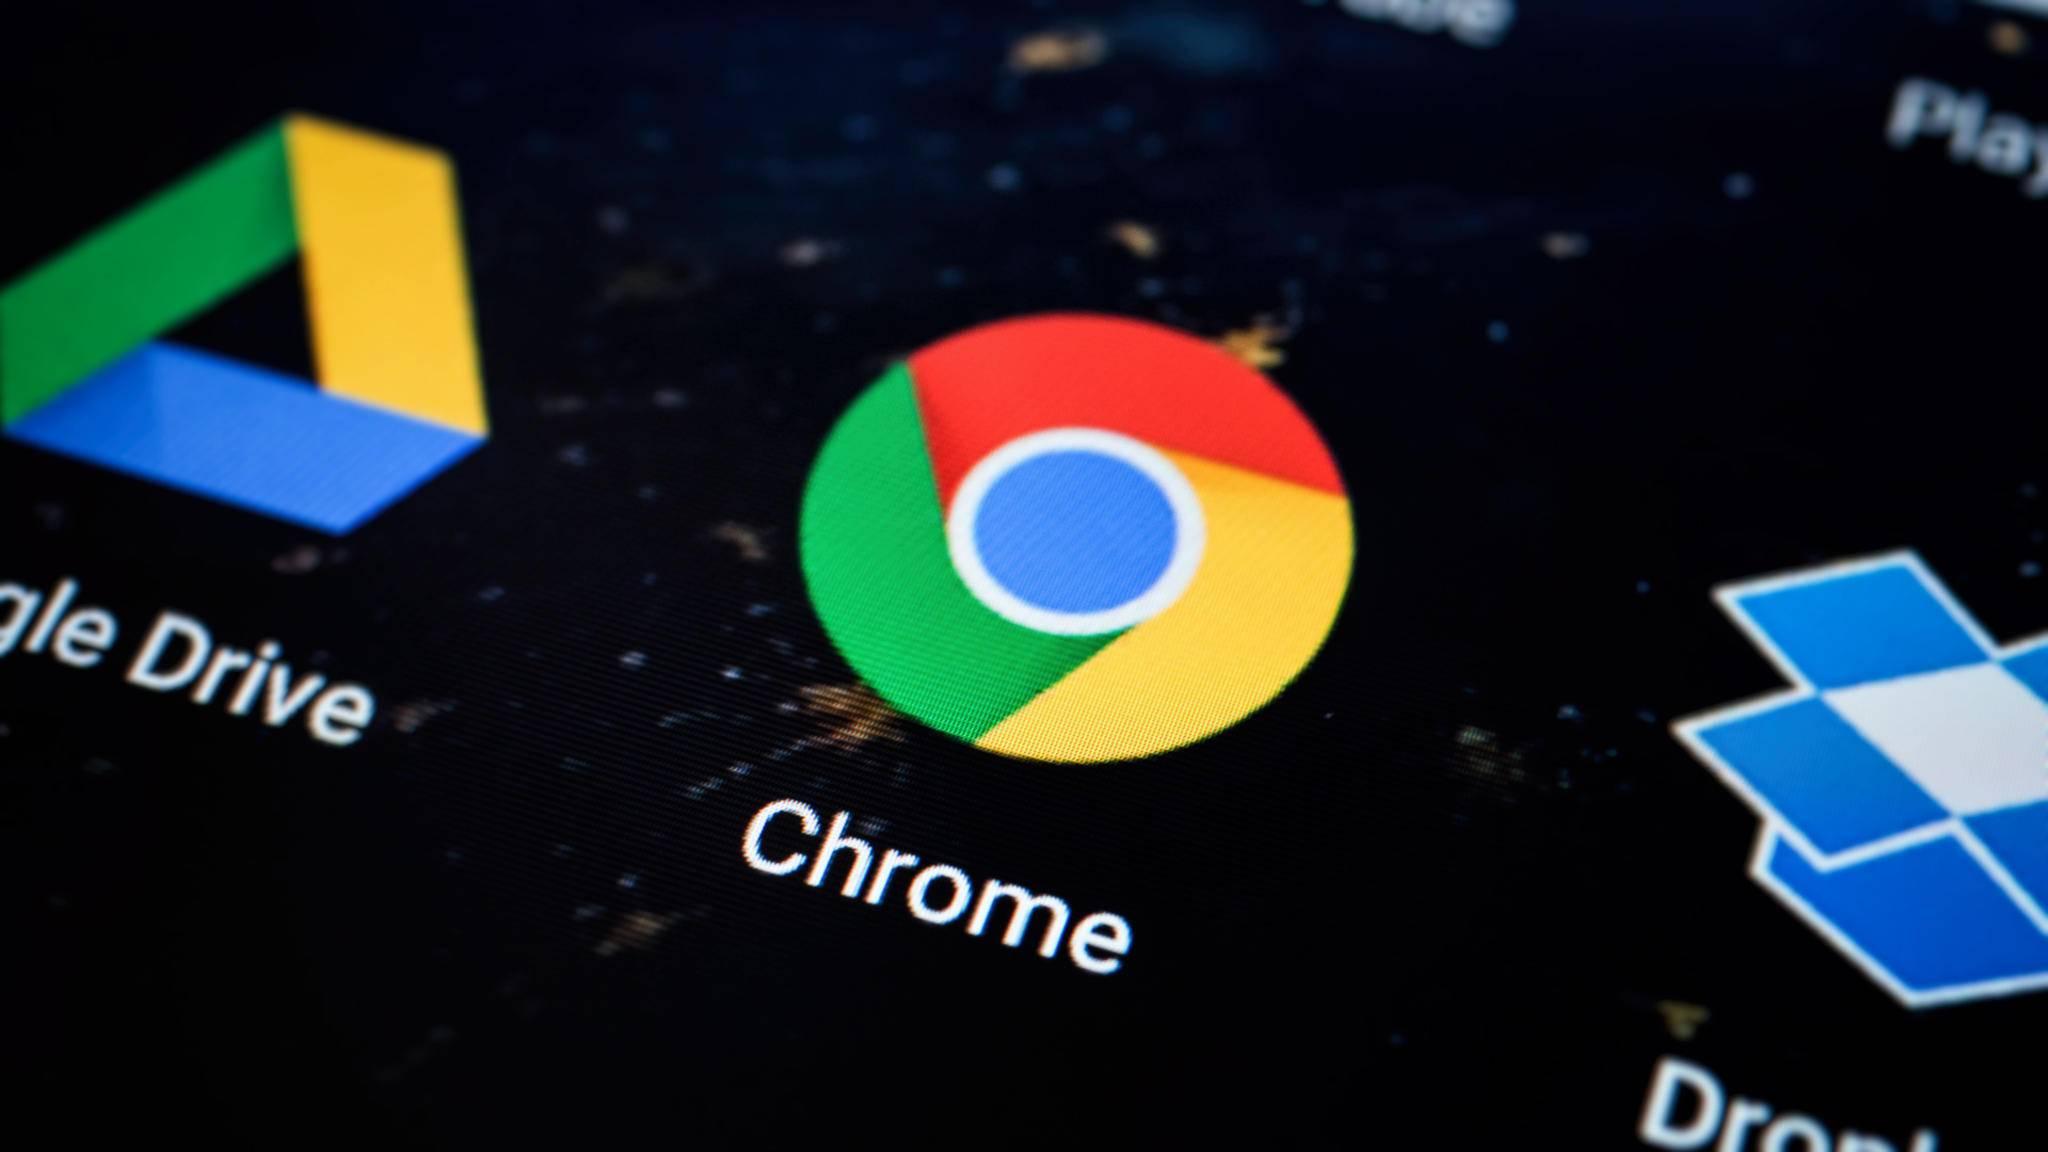 Für Chrome gibt es nützliche und einfallsreiche Erweiterungen.